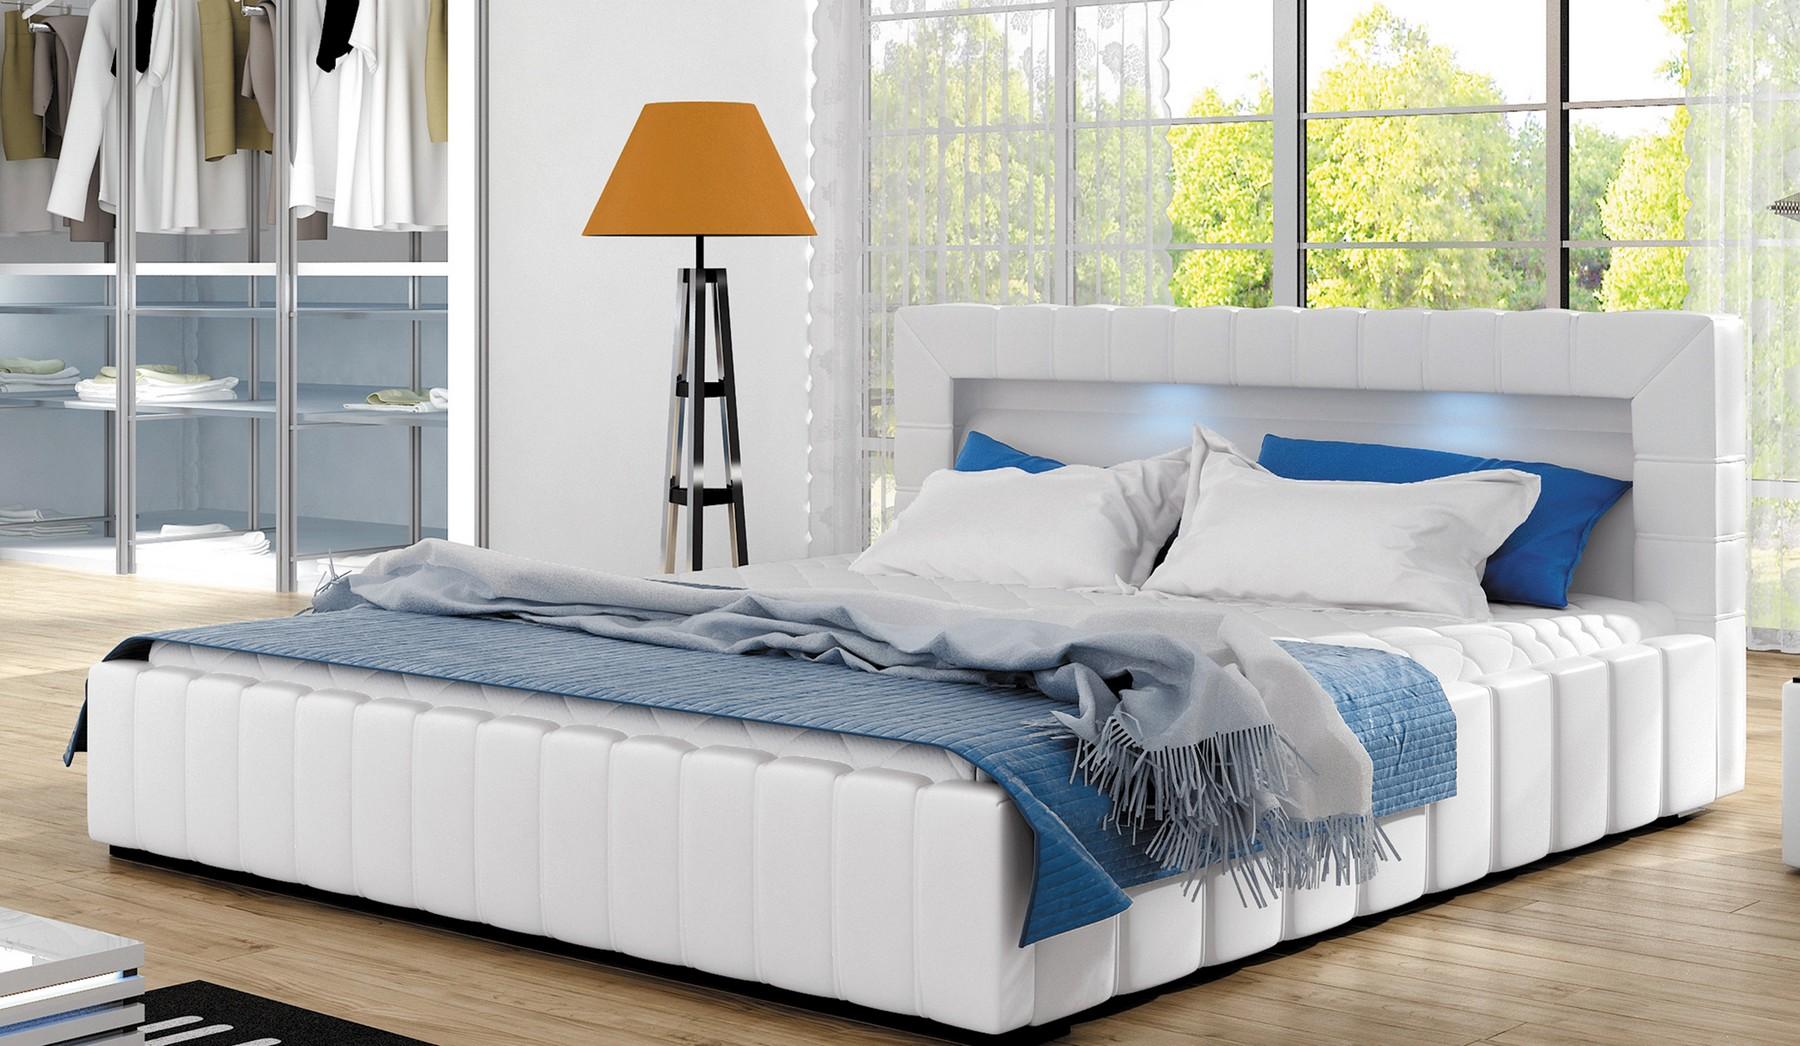 polsterbett 160 200 mit bettkasten ebenbild das sieht. Black Bedroom Furniture Sets. Home Design Ideas